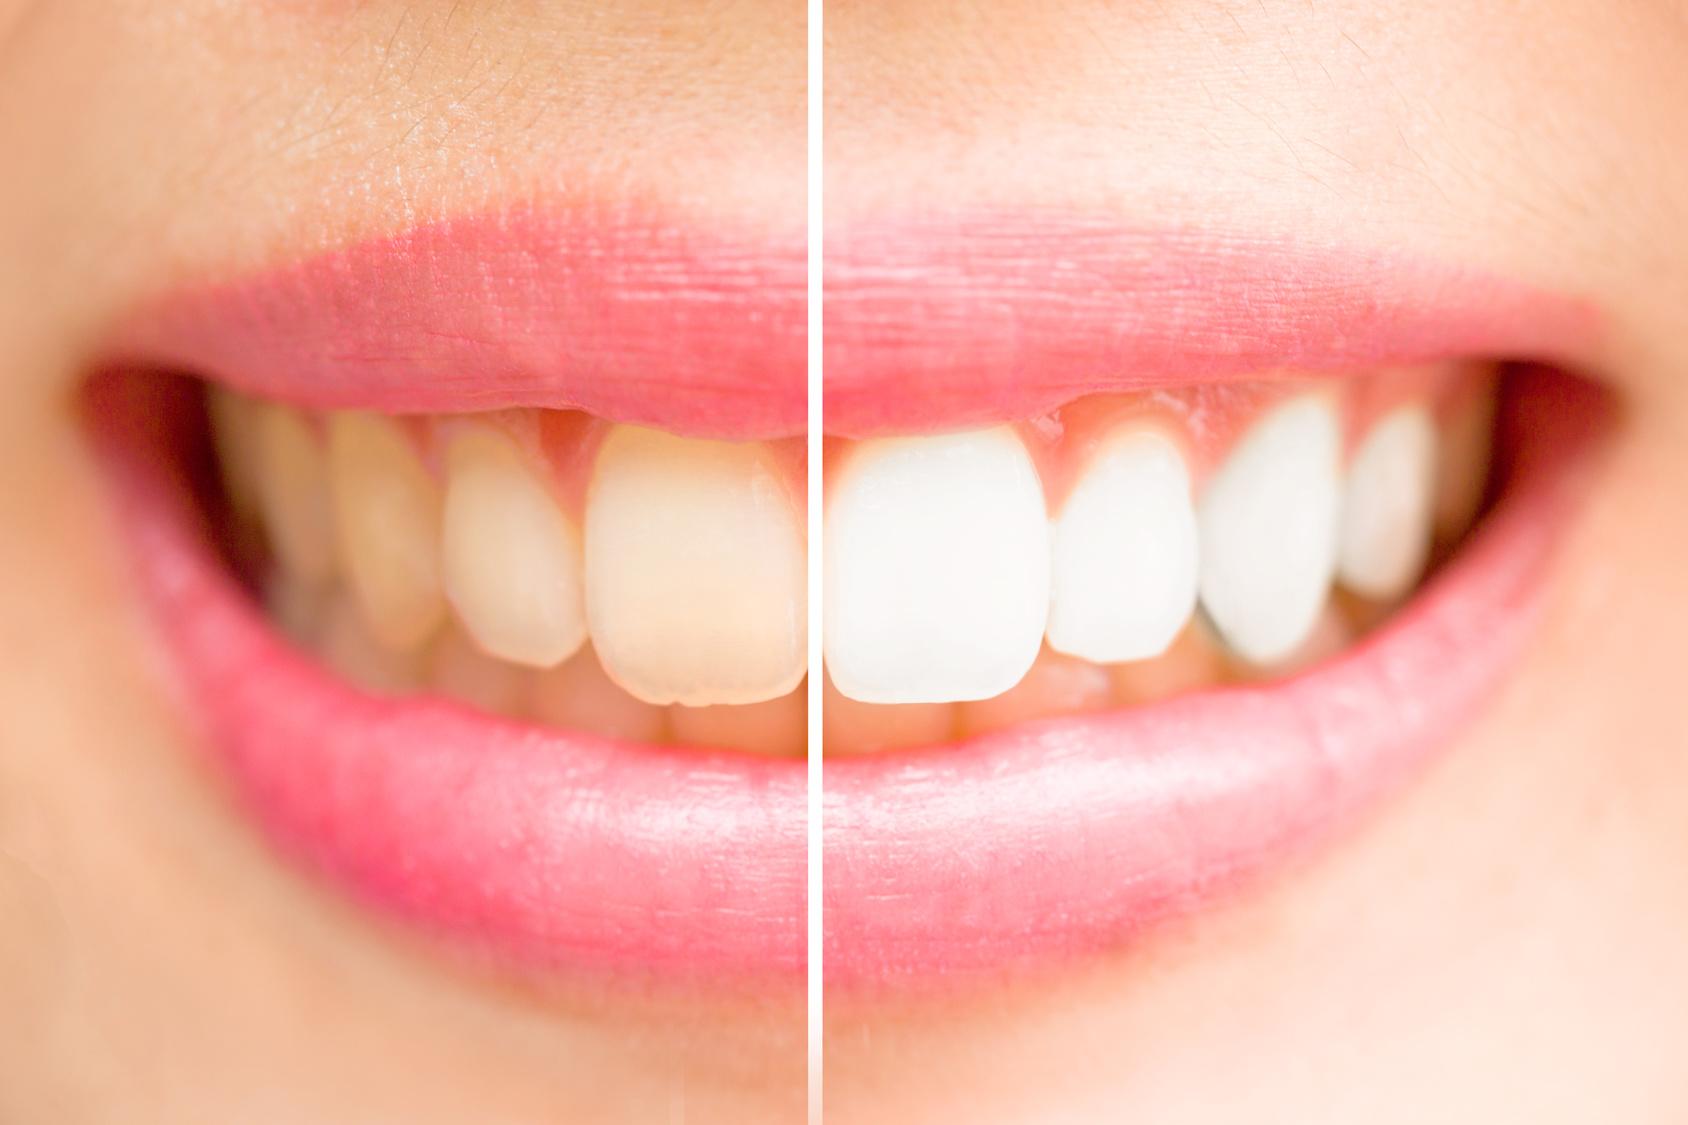 Lächelnder Mund mit Zahnreihe im Vorher-Nachher-Vergleich.